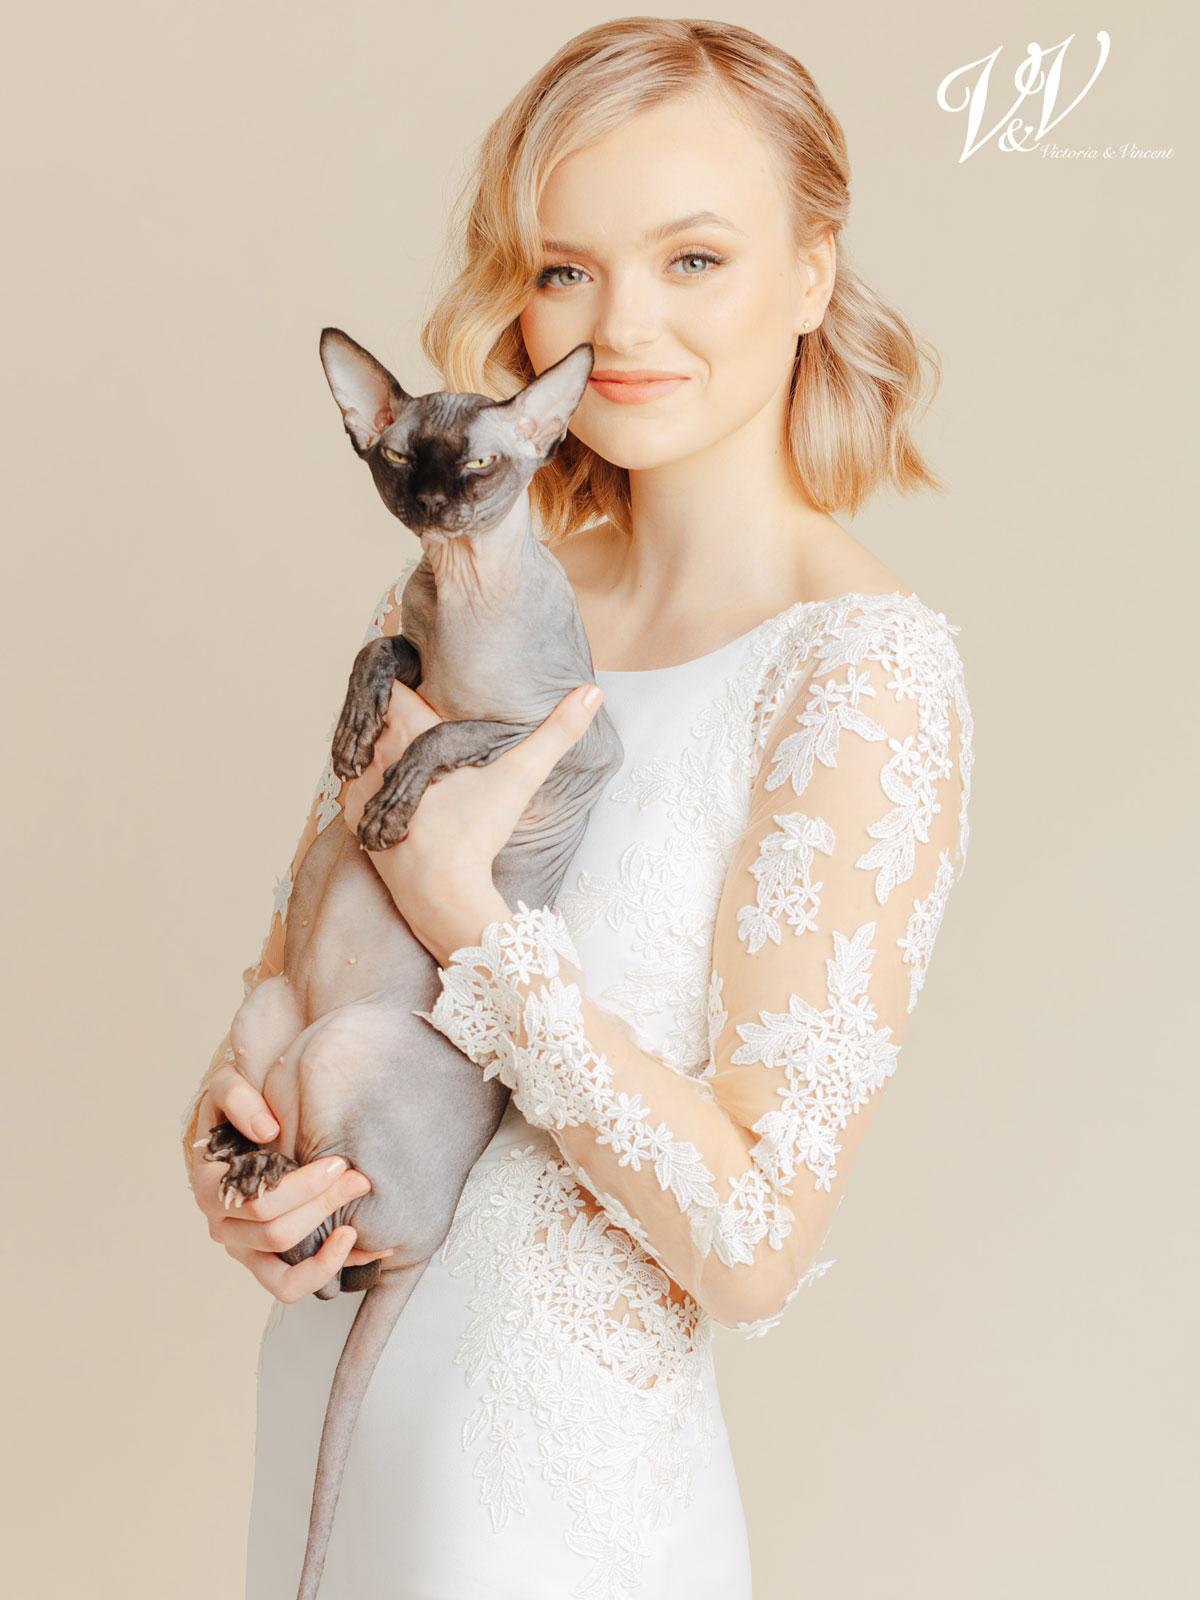 Victoria & Vincent wedding dress and a cat